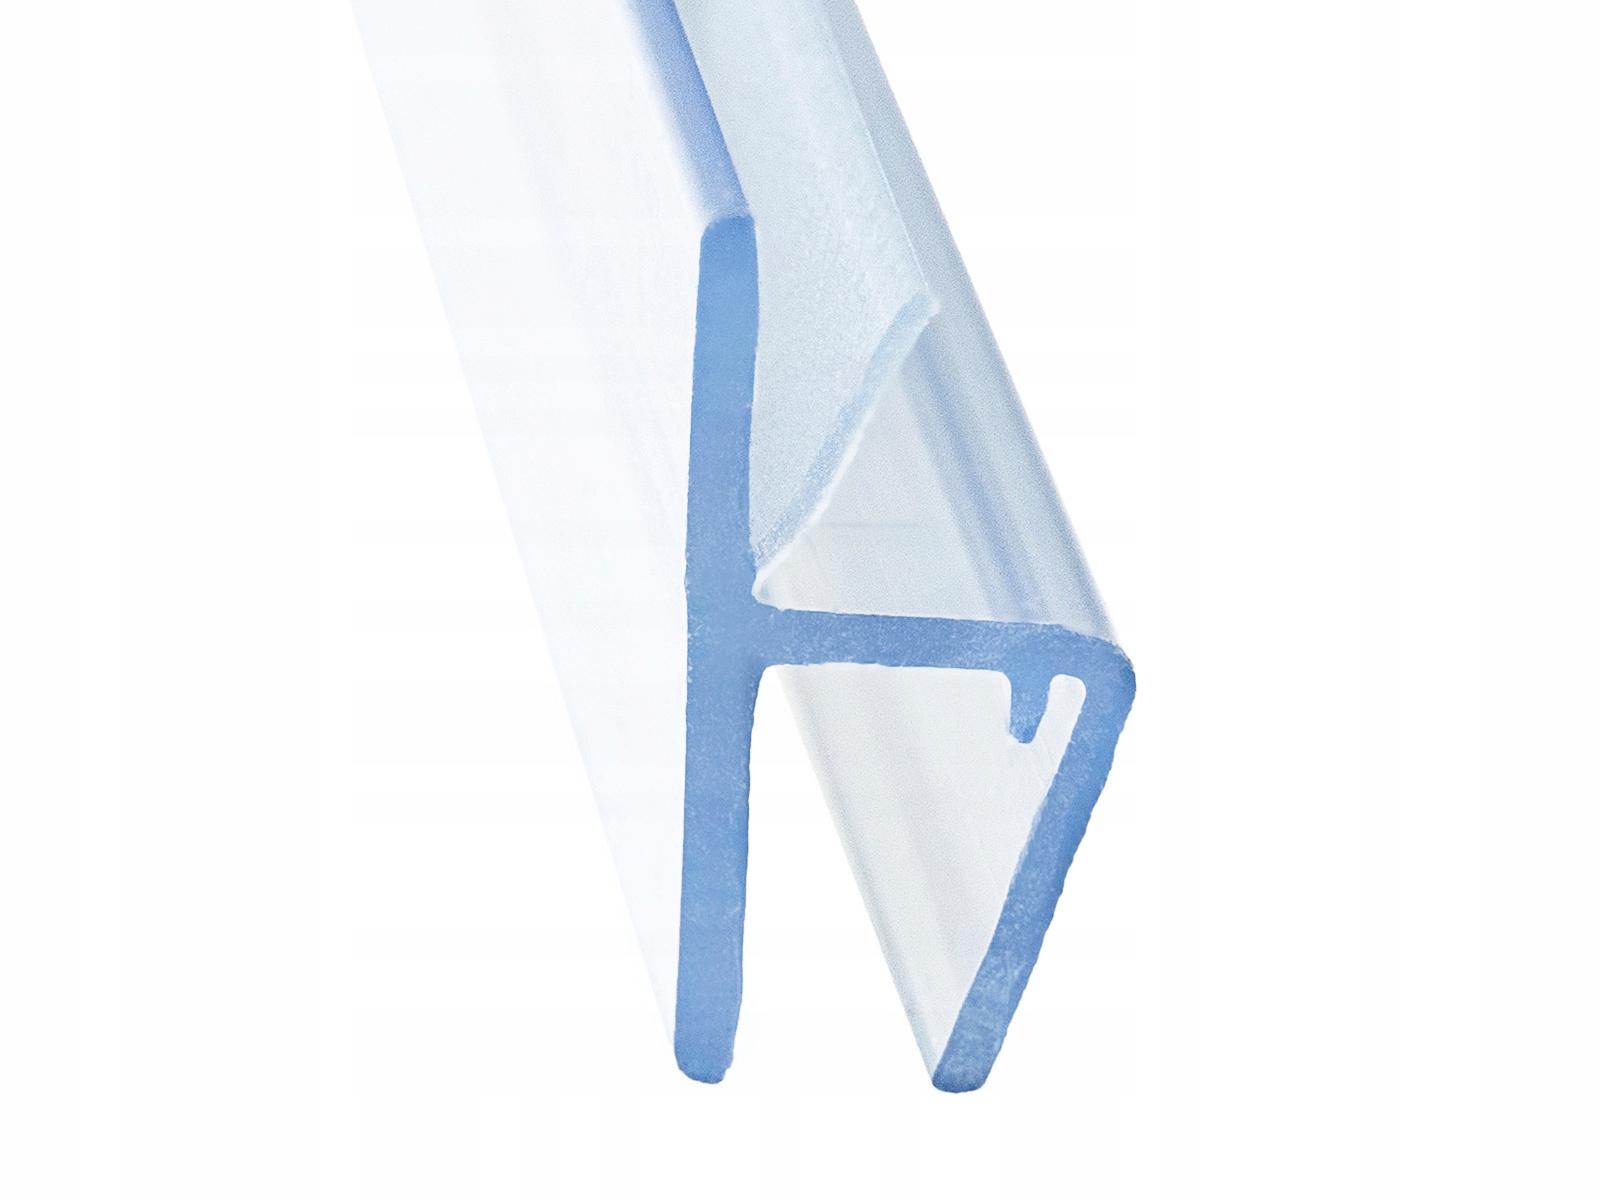 Tesnenie sprchového kúta 6-8mm UK29, 140cm